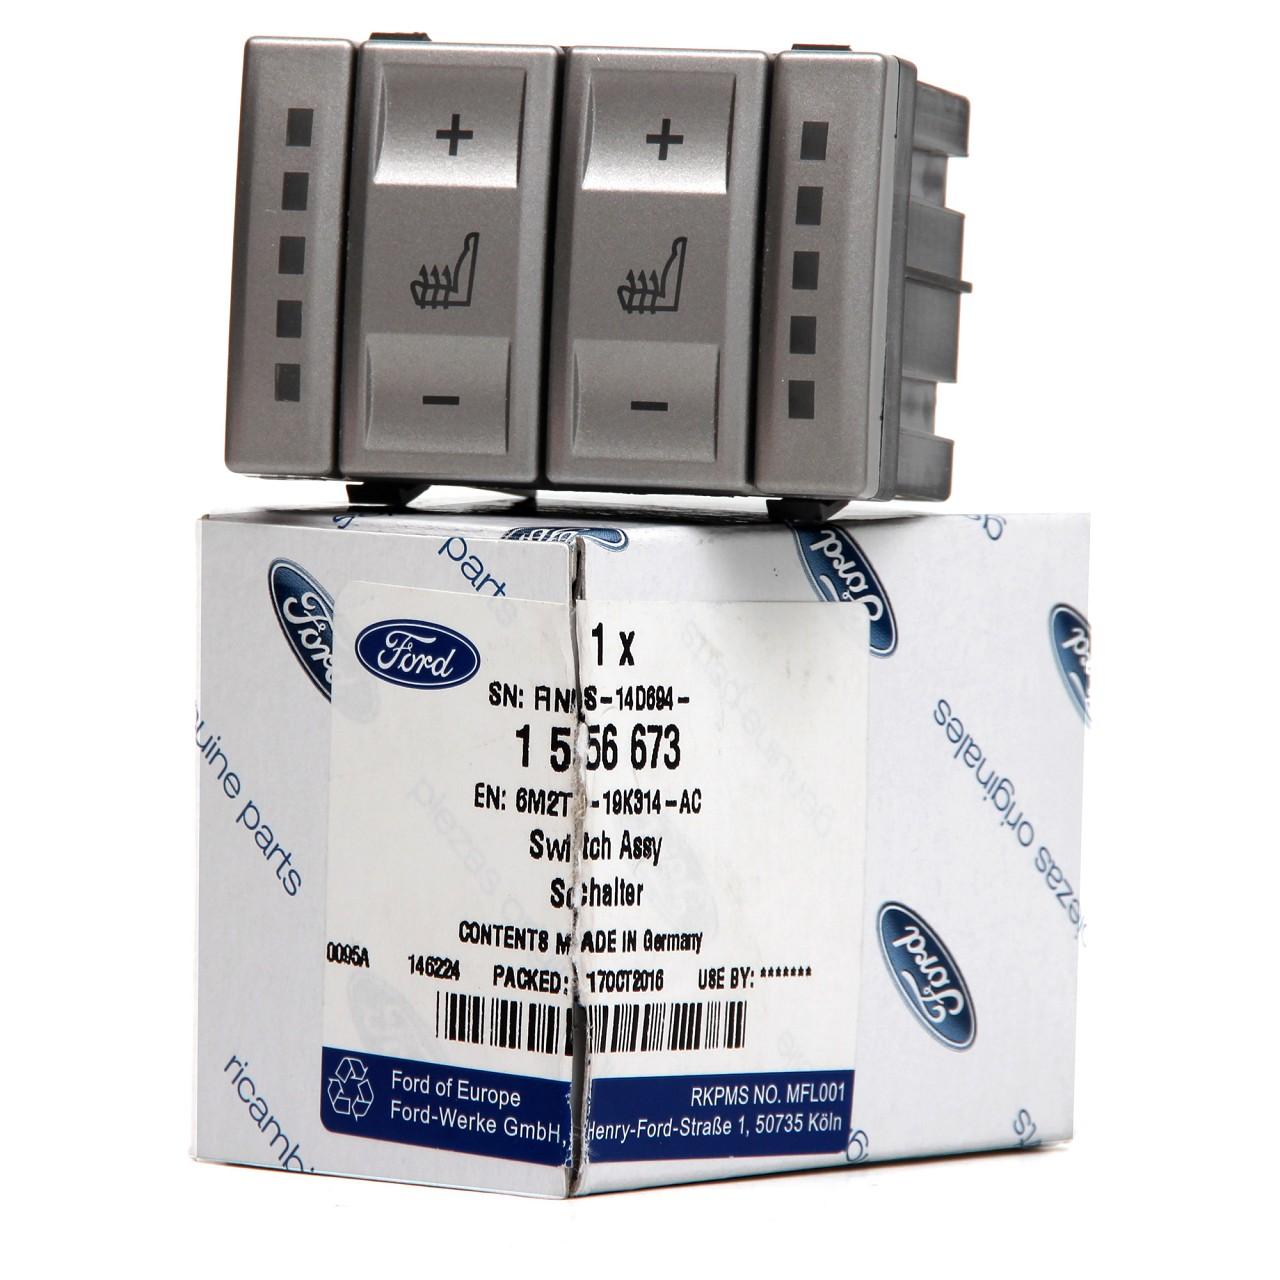 ORIGINAL Ford Schalter Sitzheizung 1556673 für Mondeo IV MK4 Galaxy S-Max WA6